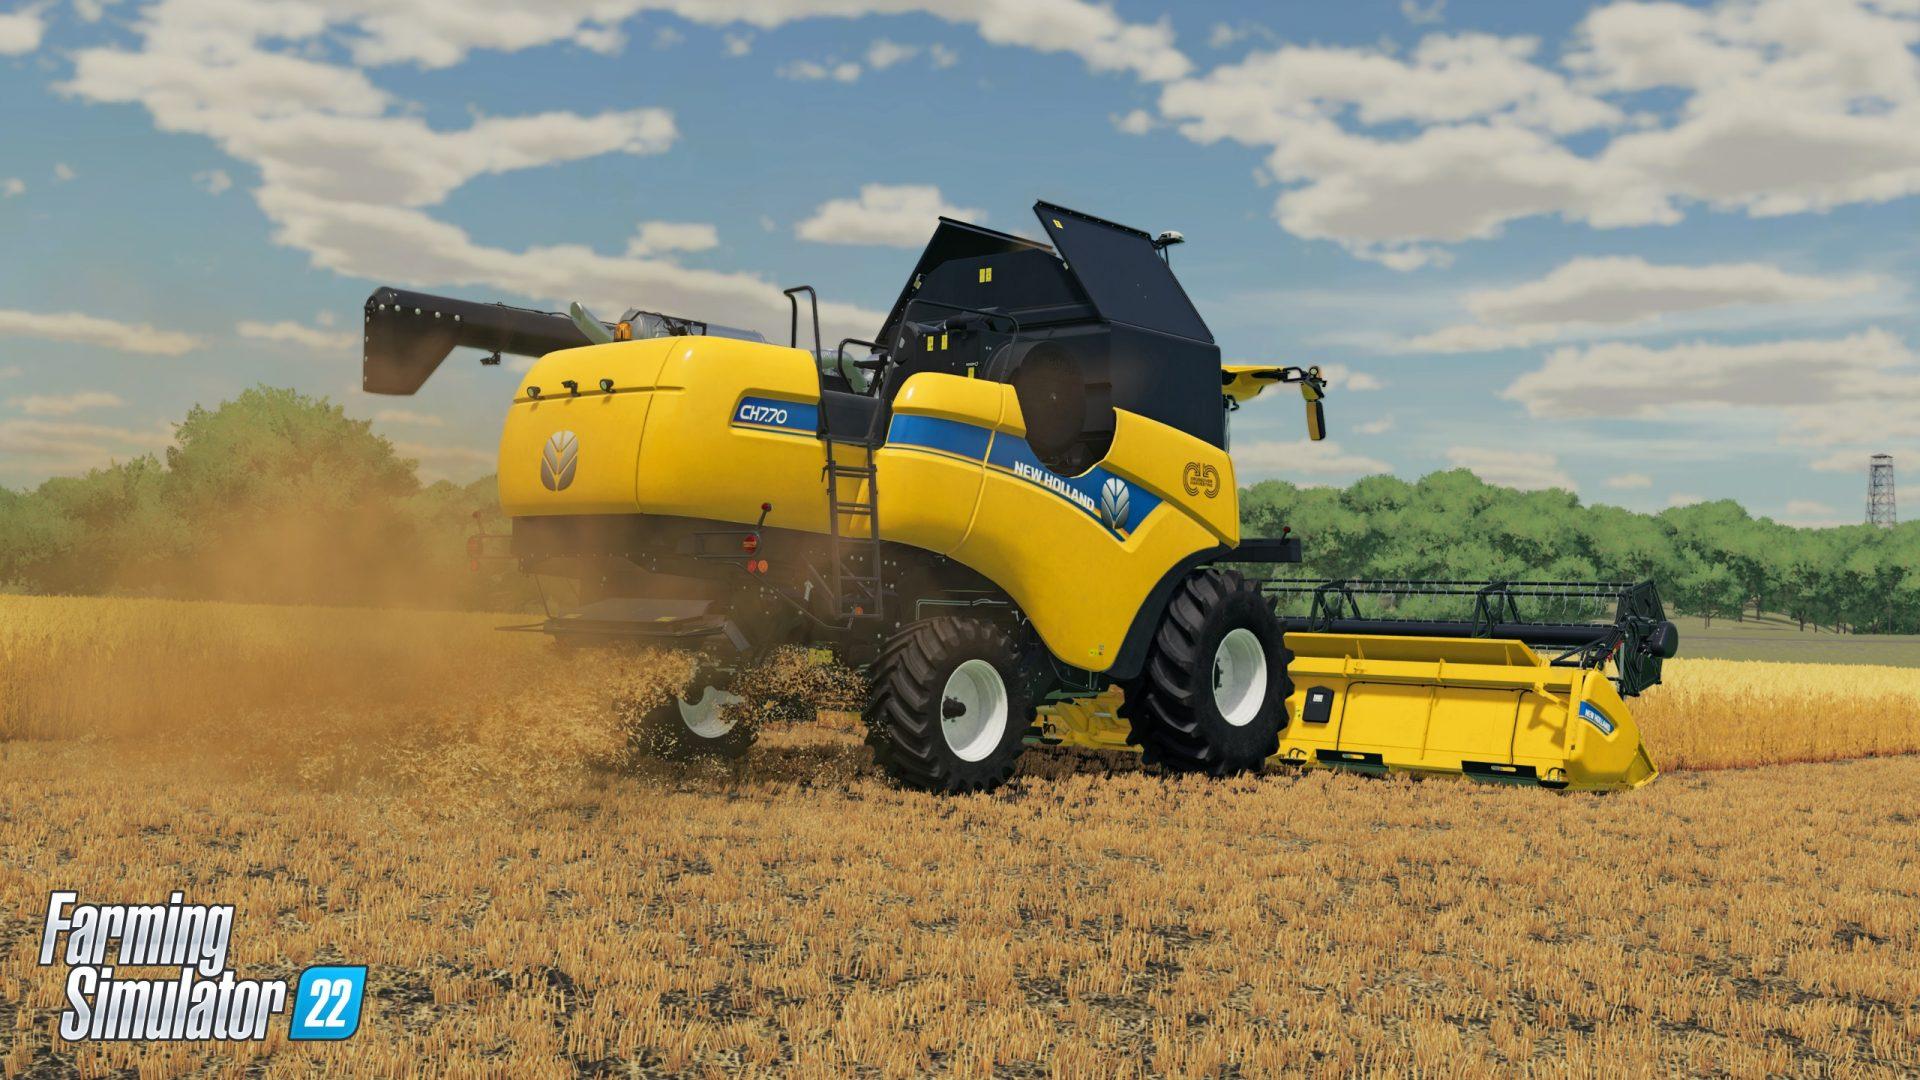 Farming Simulator 22 apporte des changements importants, et surtout des saisons - Gamebro.cz